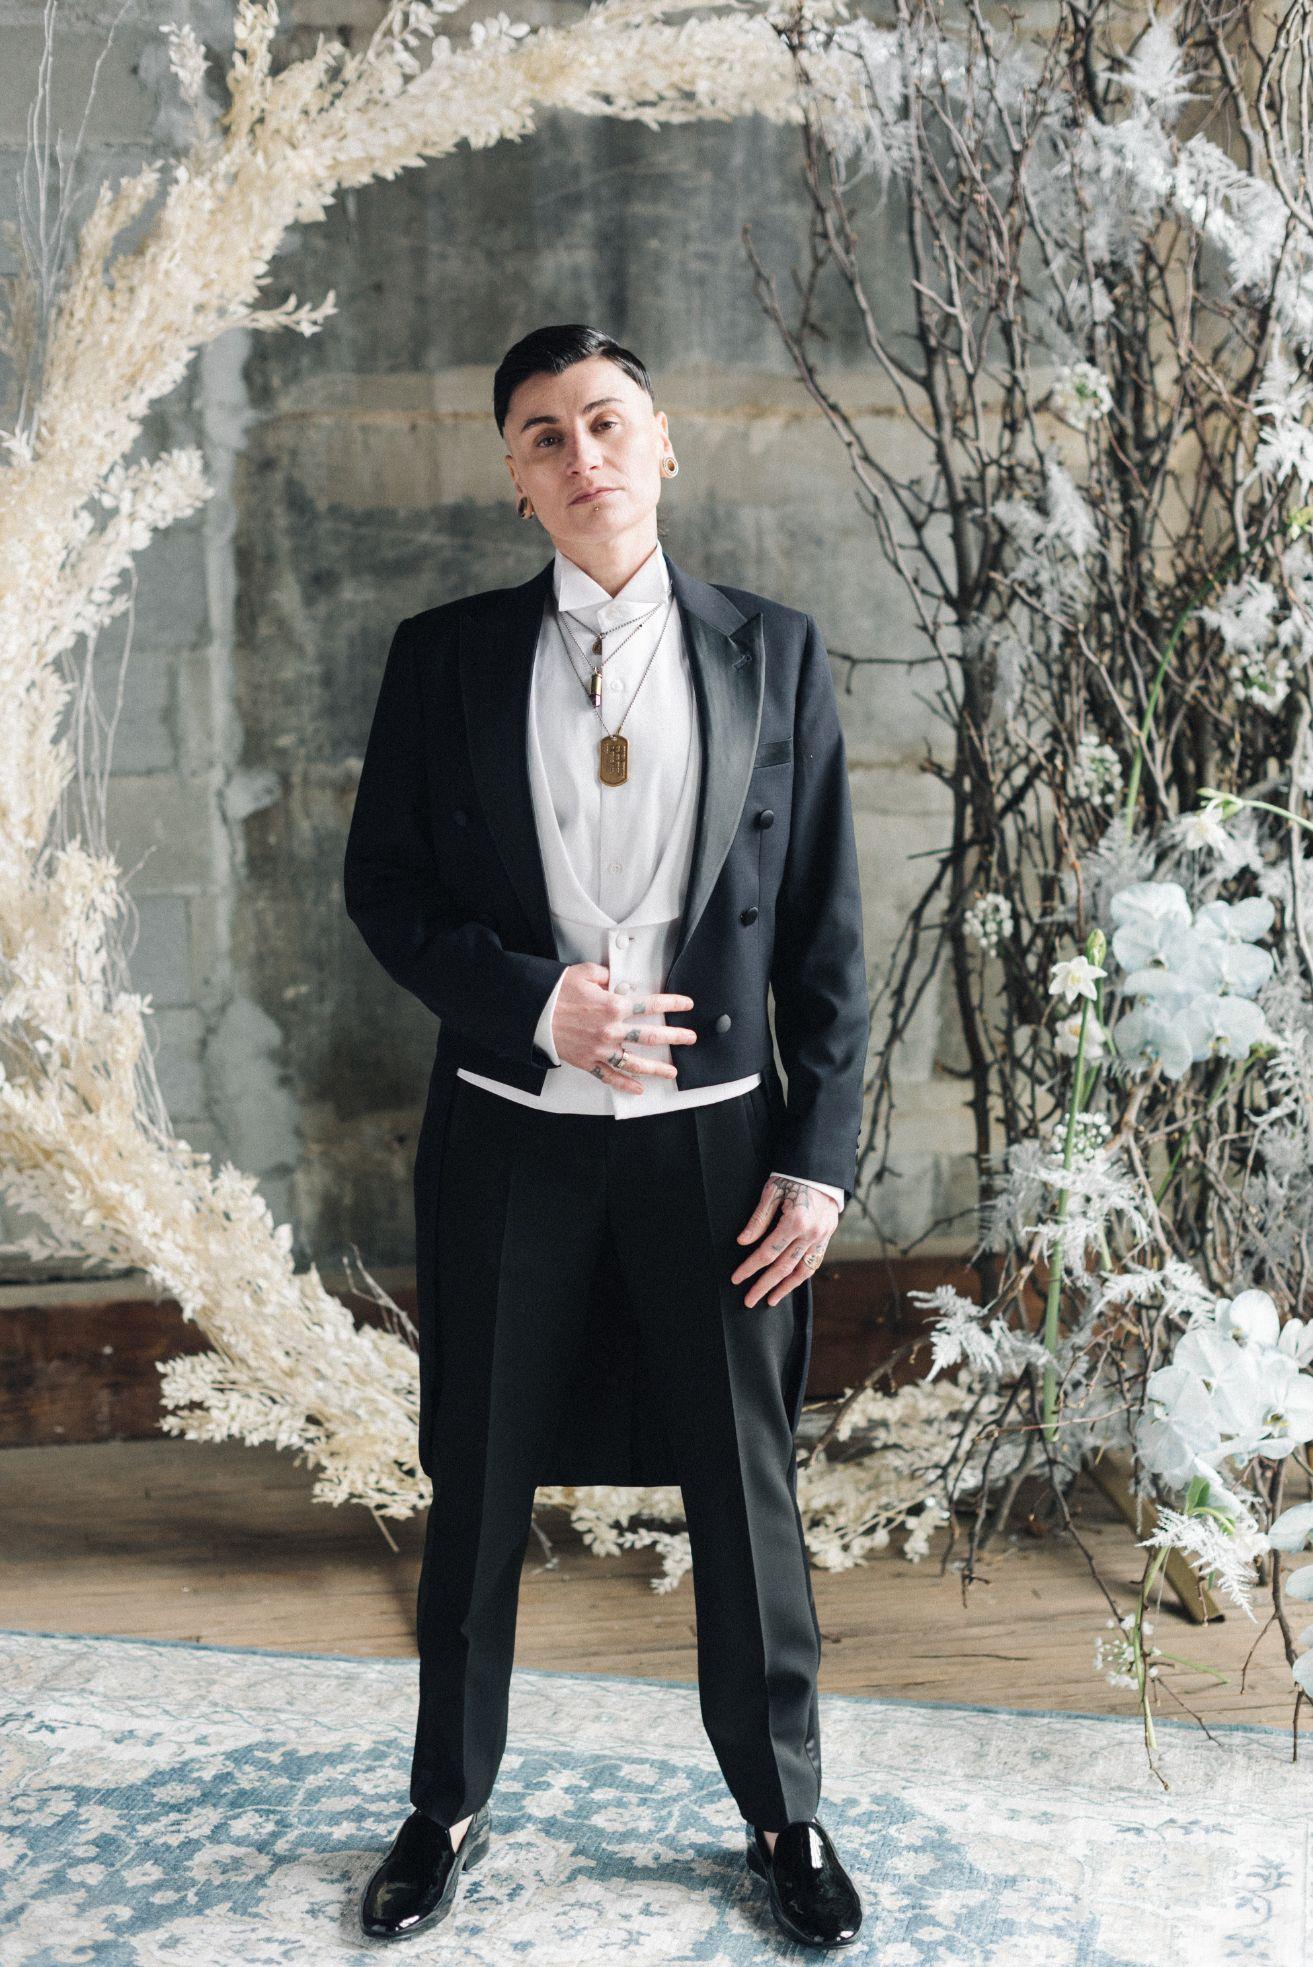 olio-peabody-boston-lesbian-wedding-style-daylynn-designs30.jpg